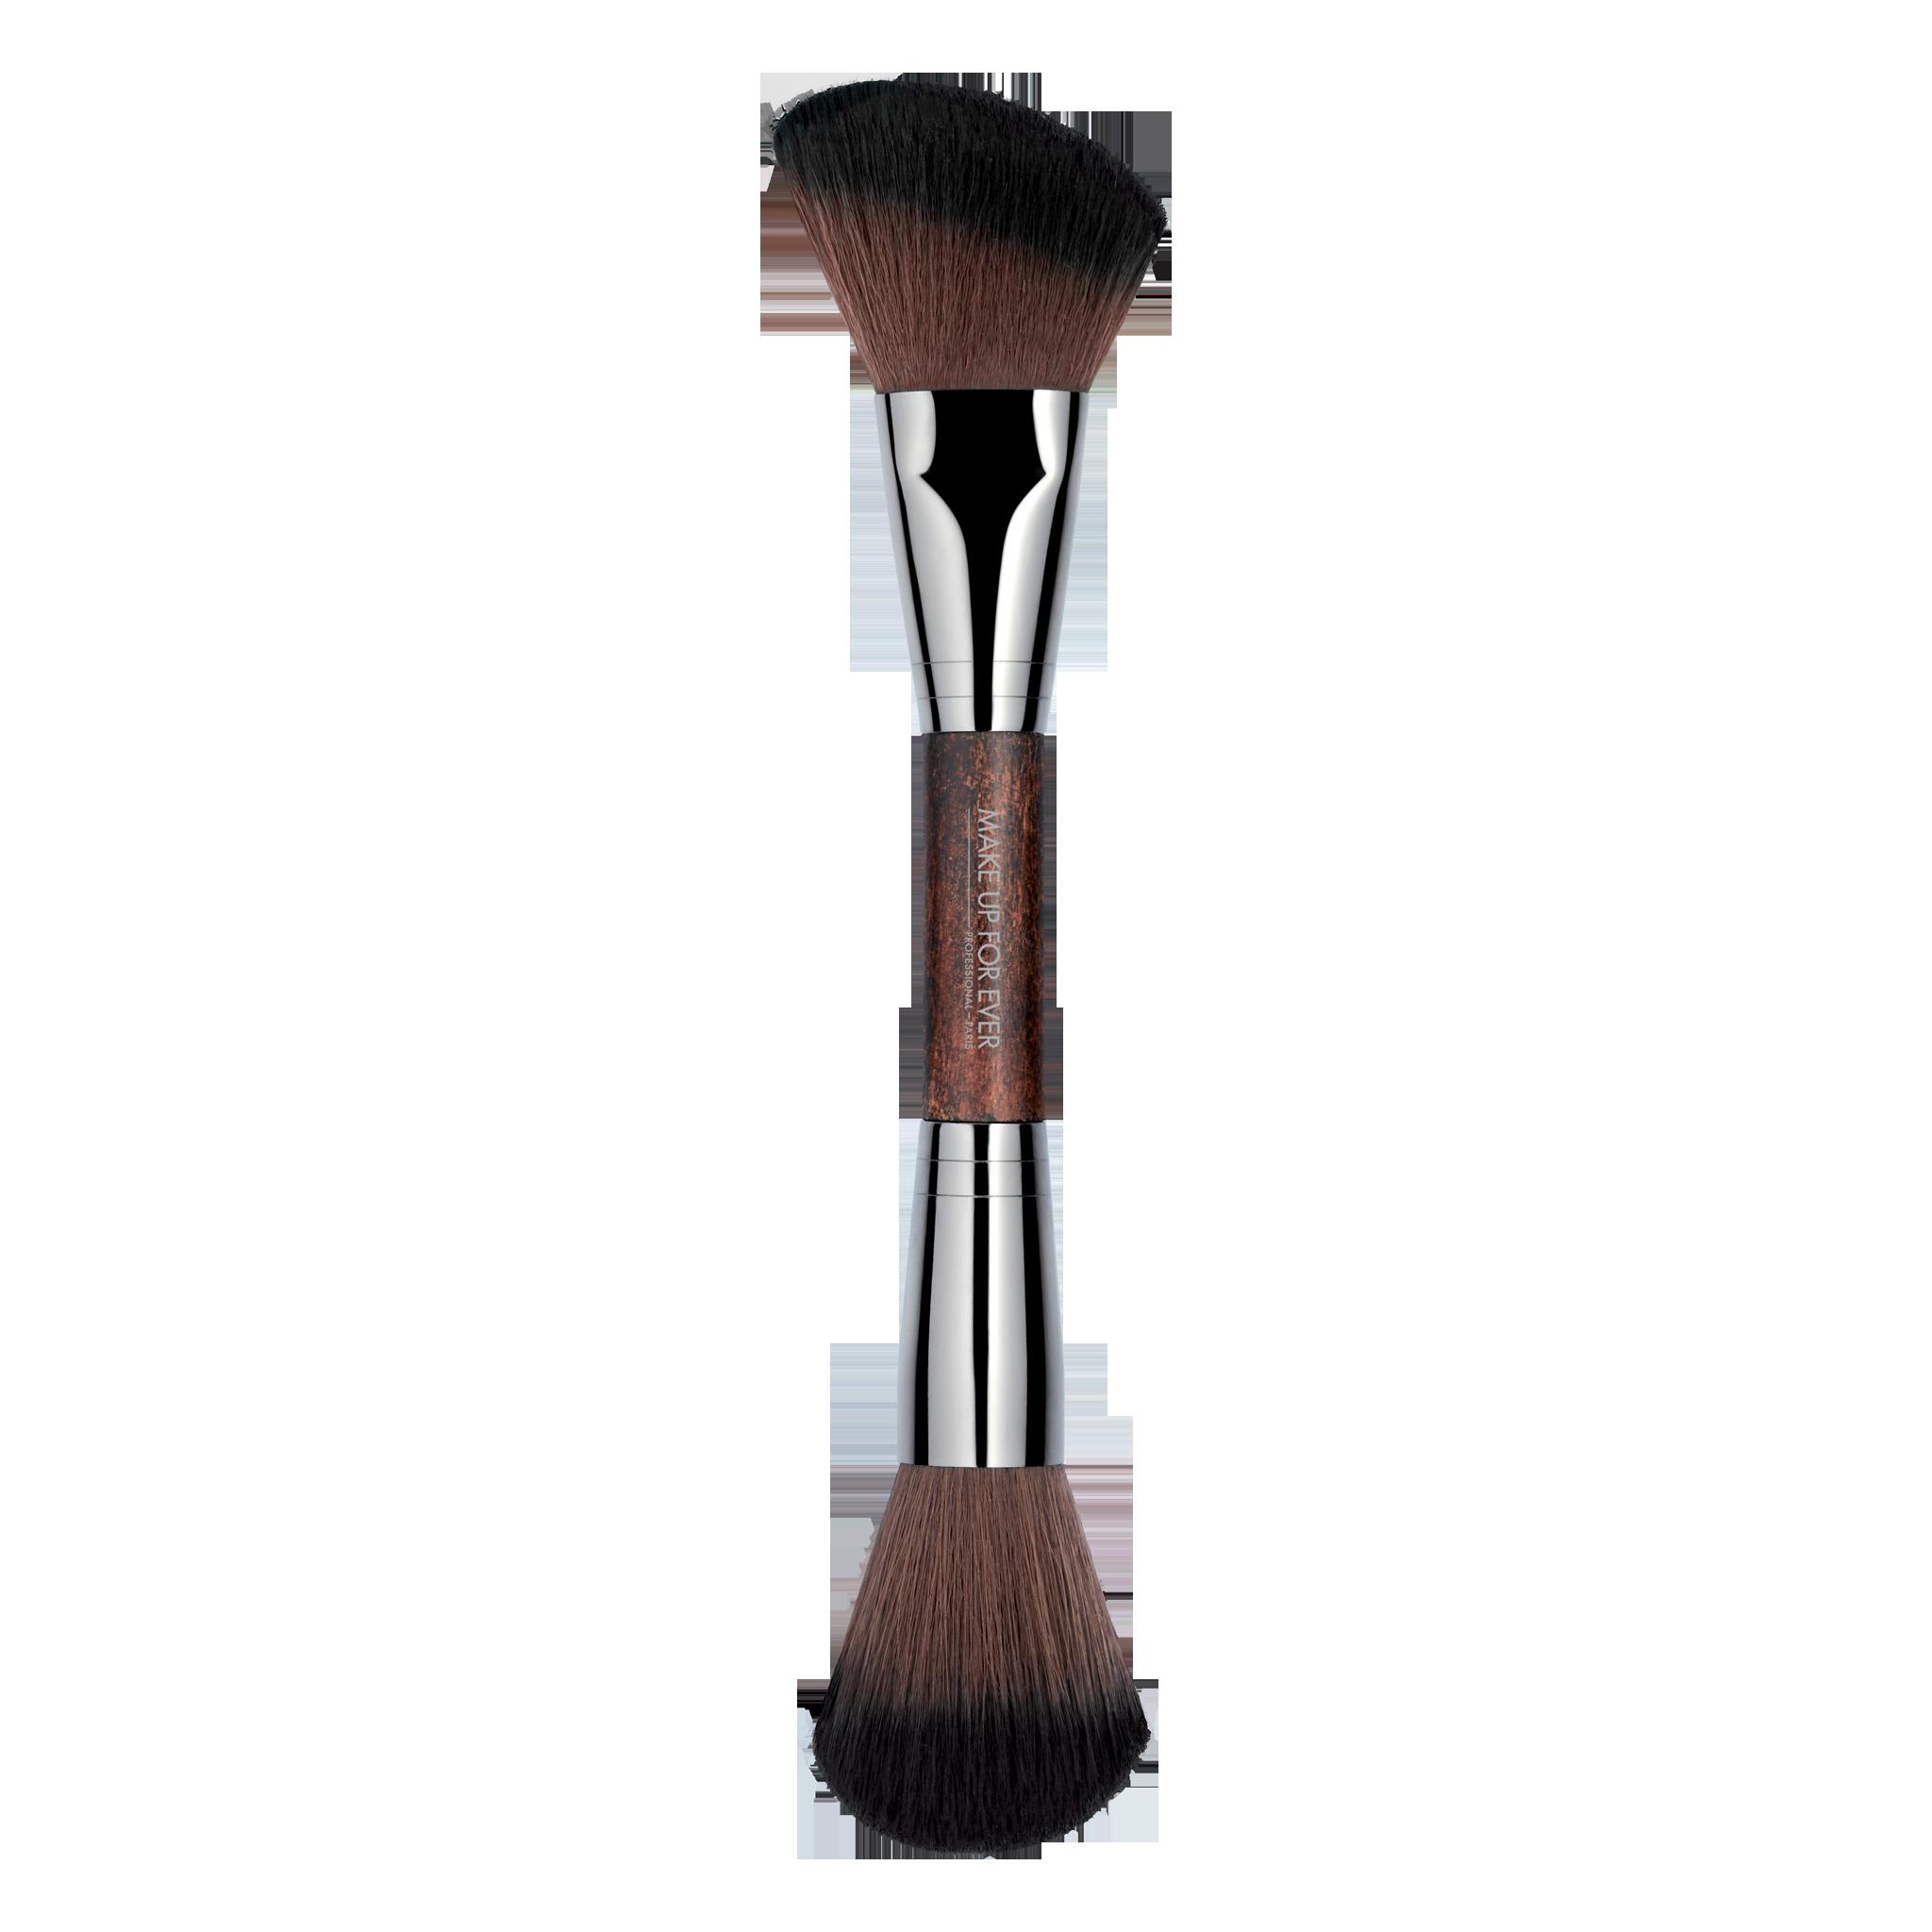 Doubleended Sculpting Brush 158 Face Brush MAKE UP